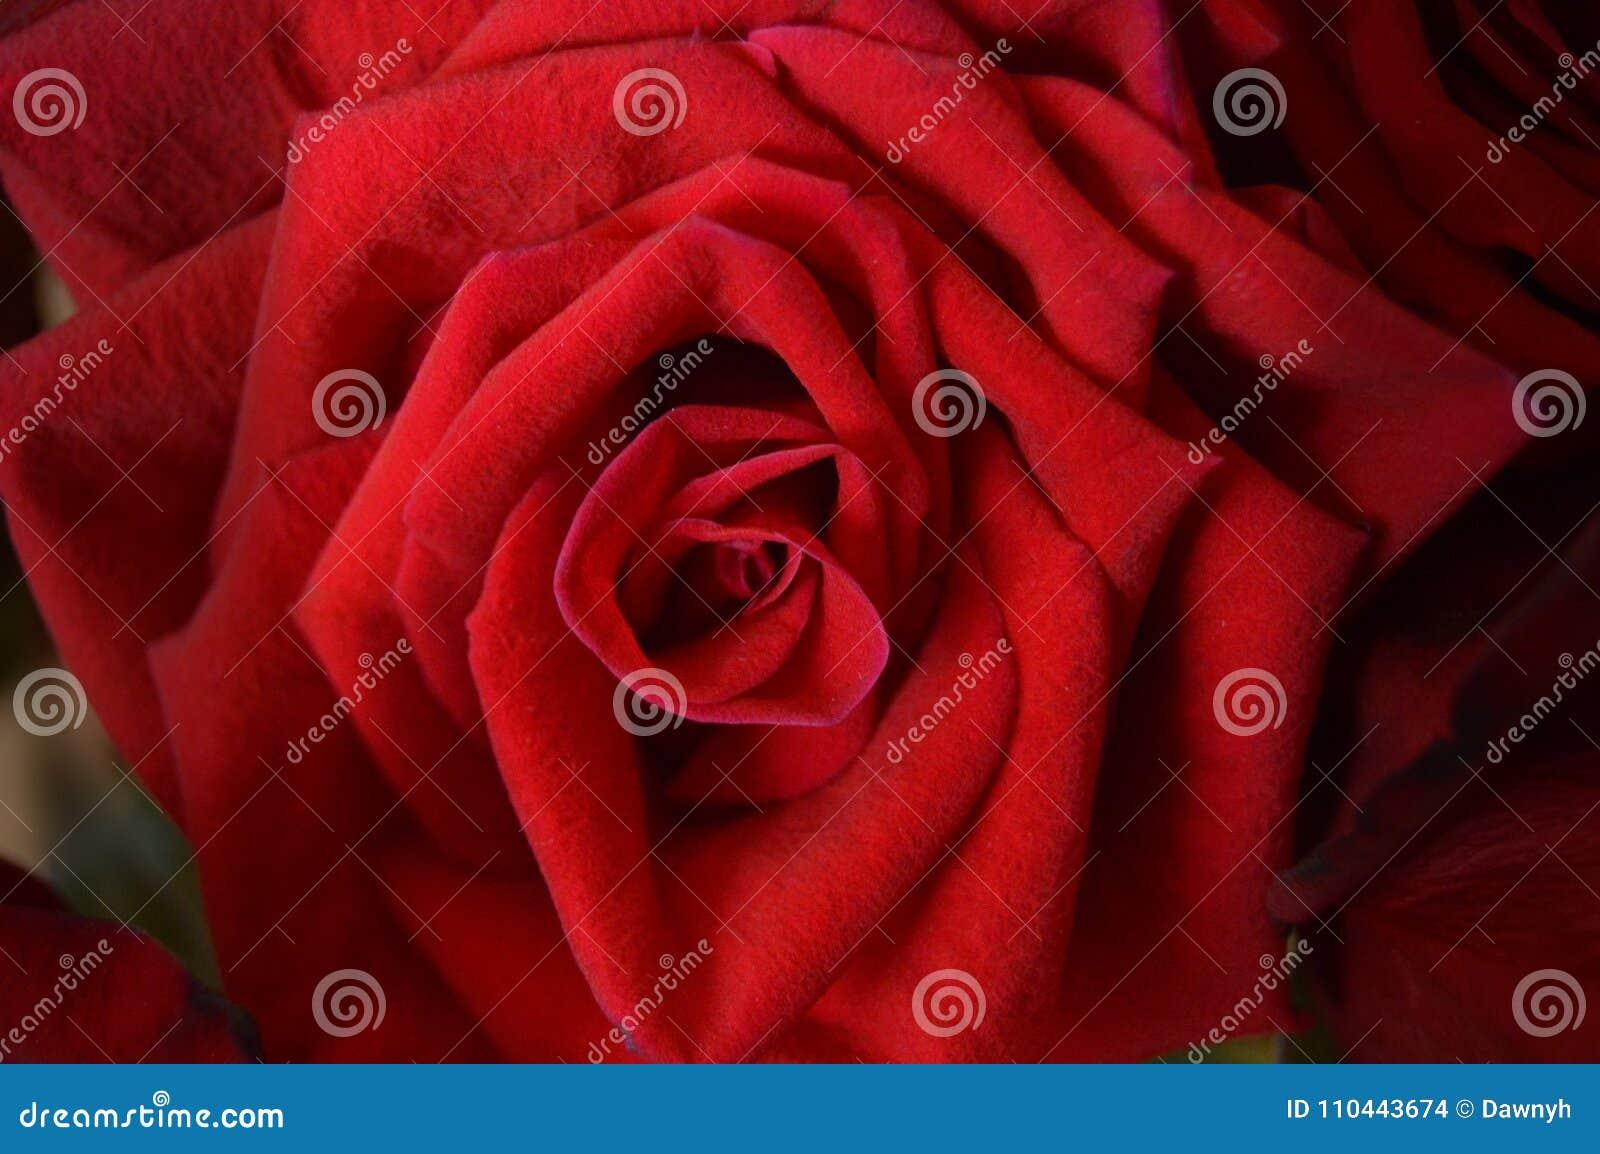 Immagine Di Sfondo O Foto Della Rosa Rossa Fotografia Stock